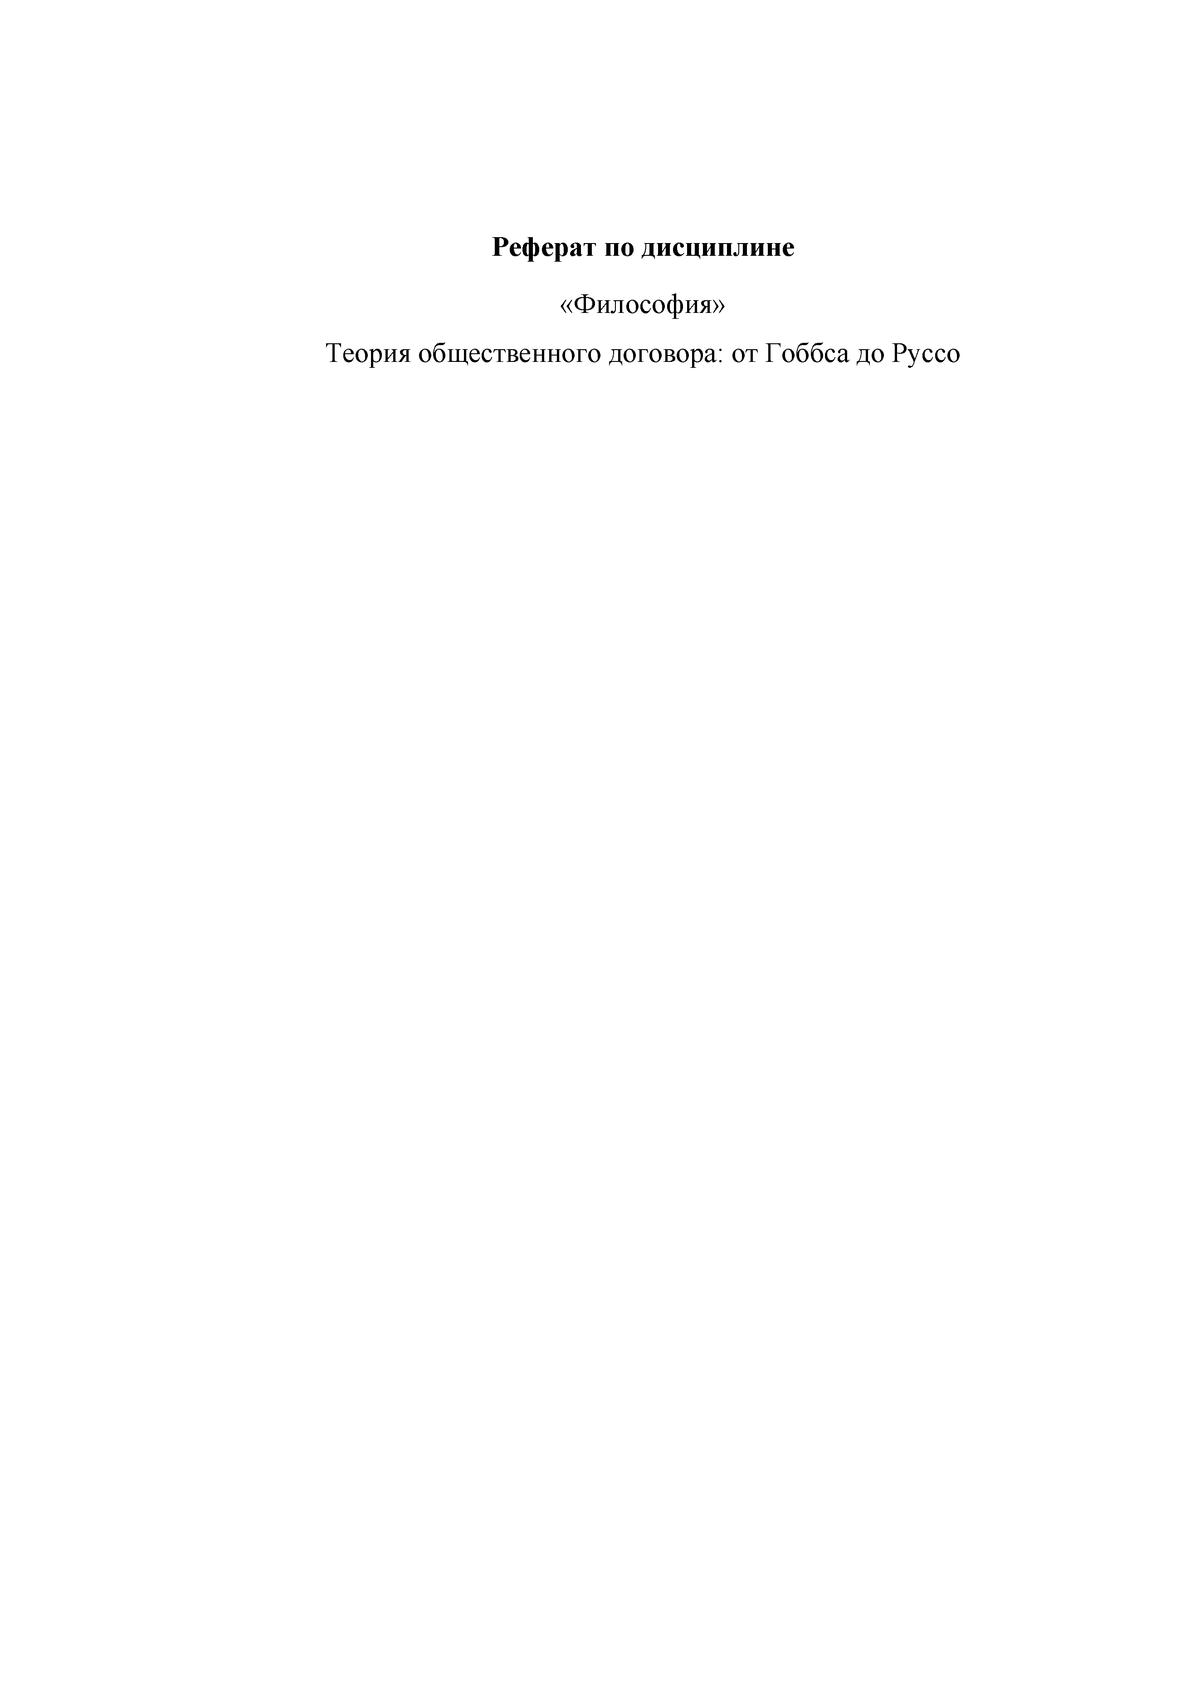 Реферат на тему теория общественного договора 6884